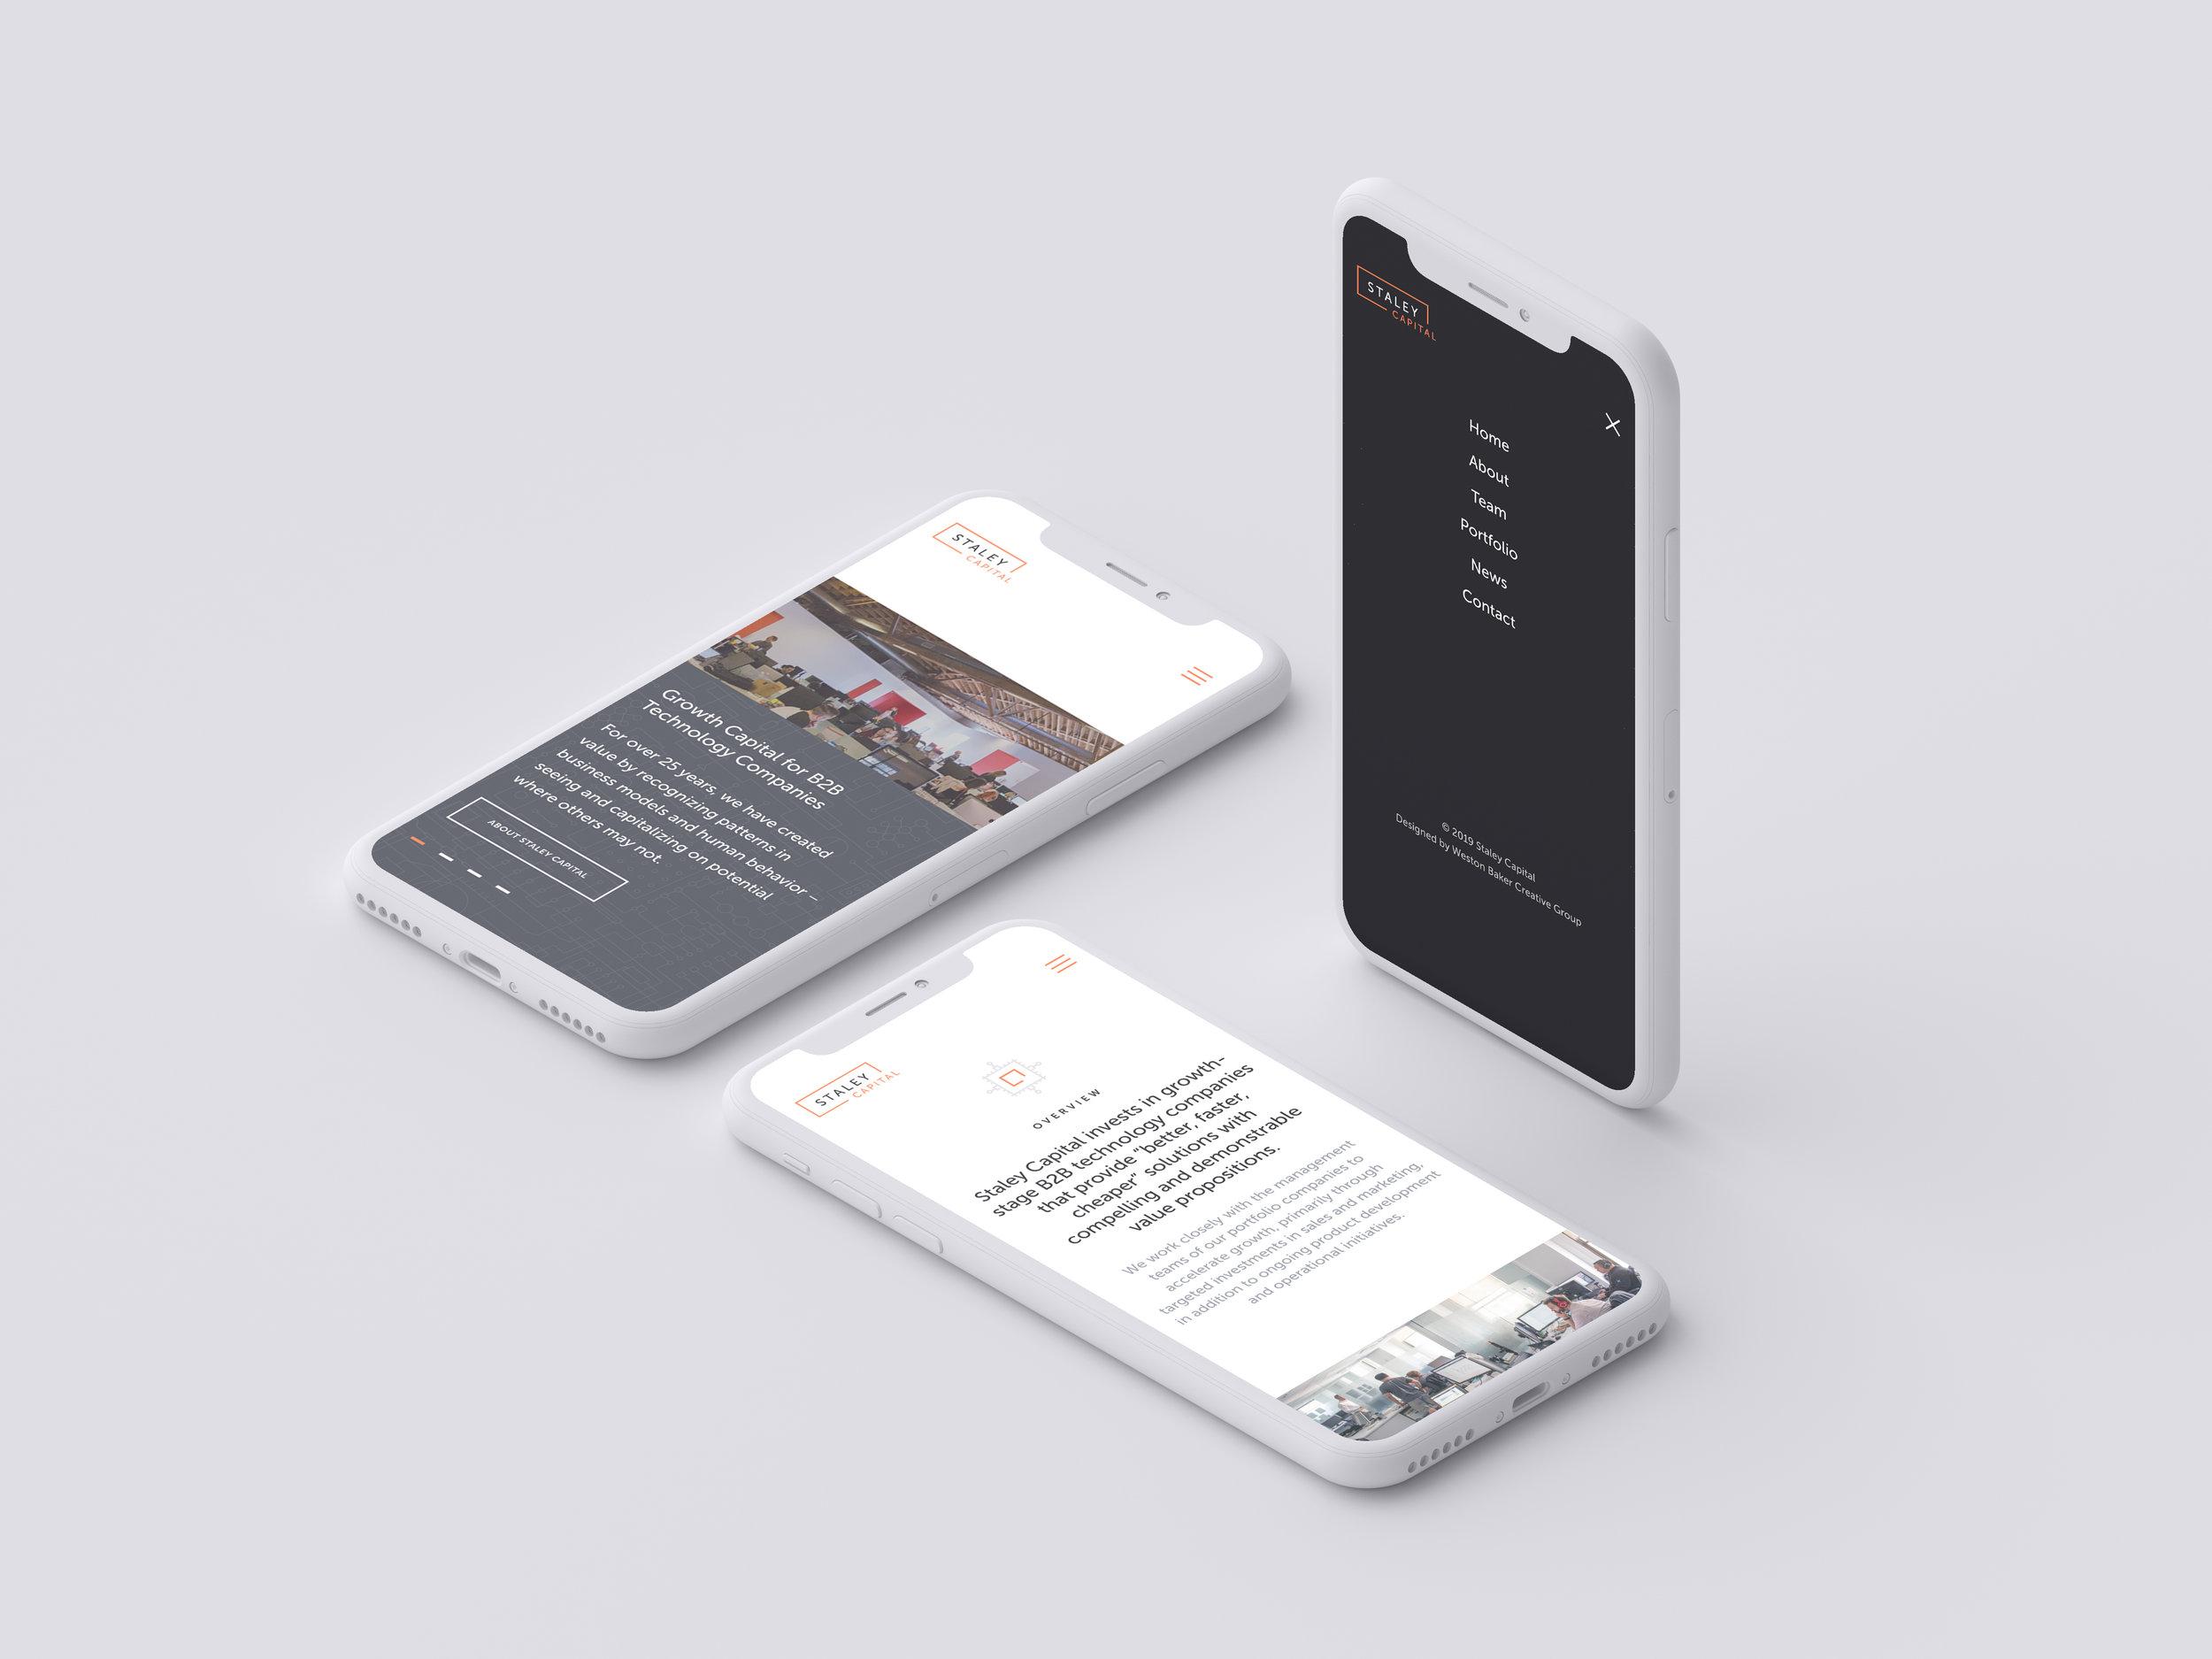 Mockup-Mobile-3 phones-2.jpg